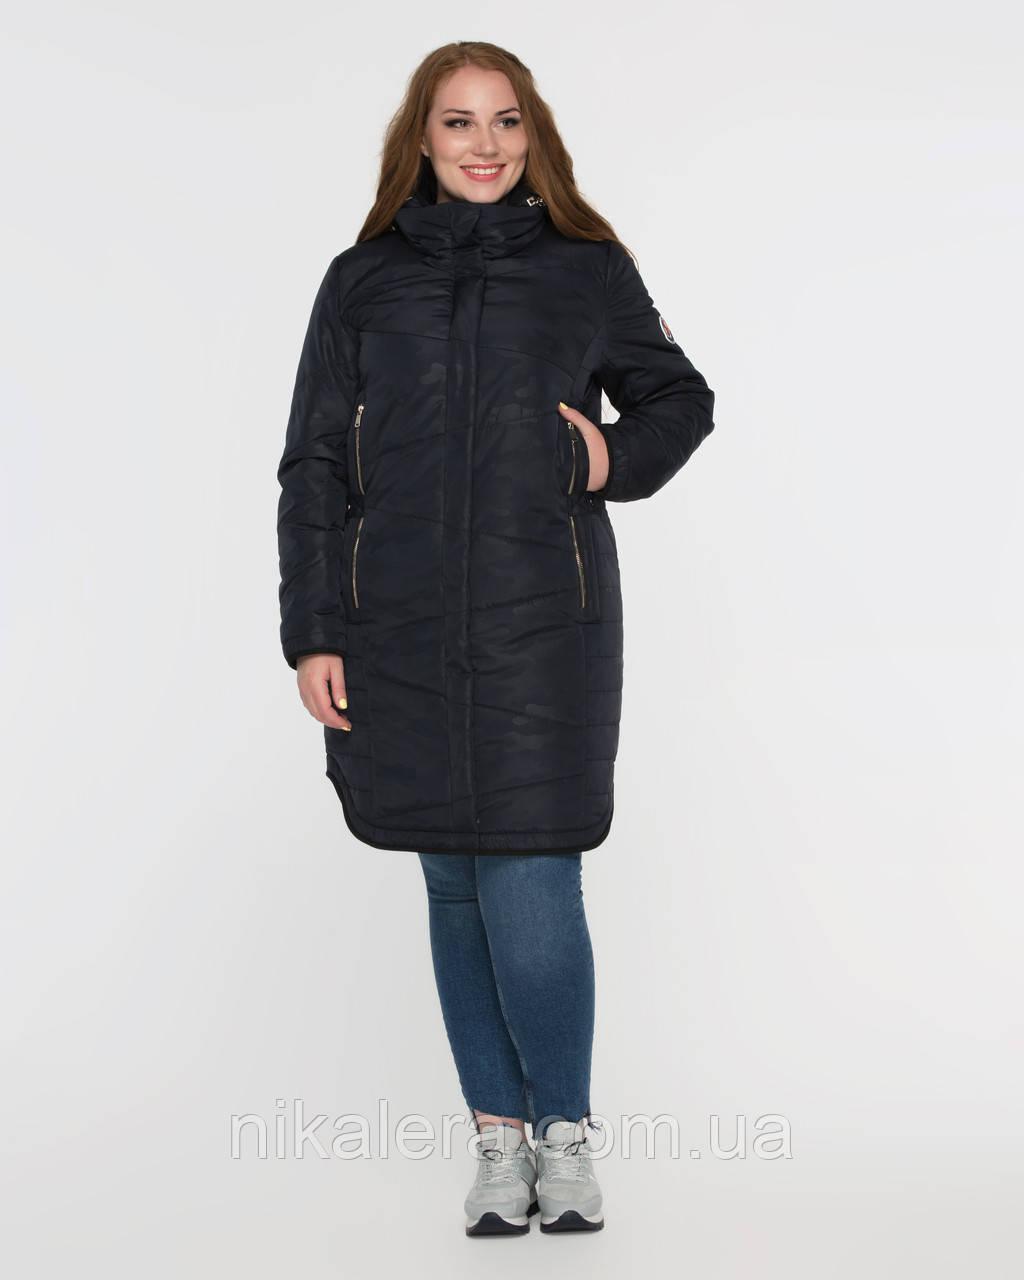 Куртка демисезон удлиненная рр 50-60